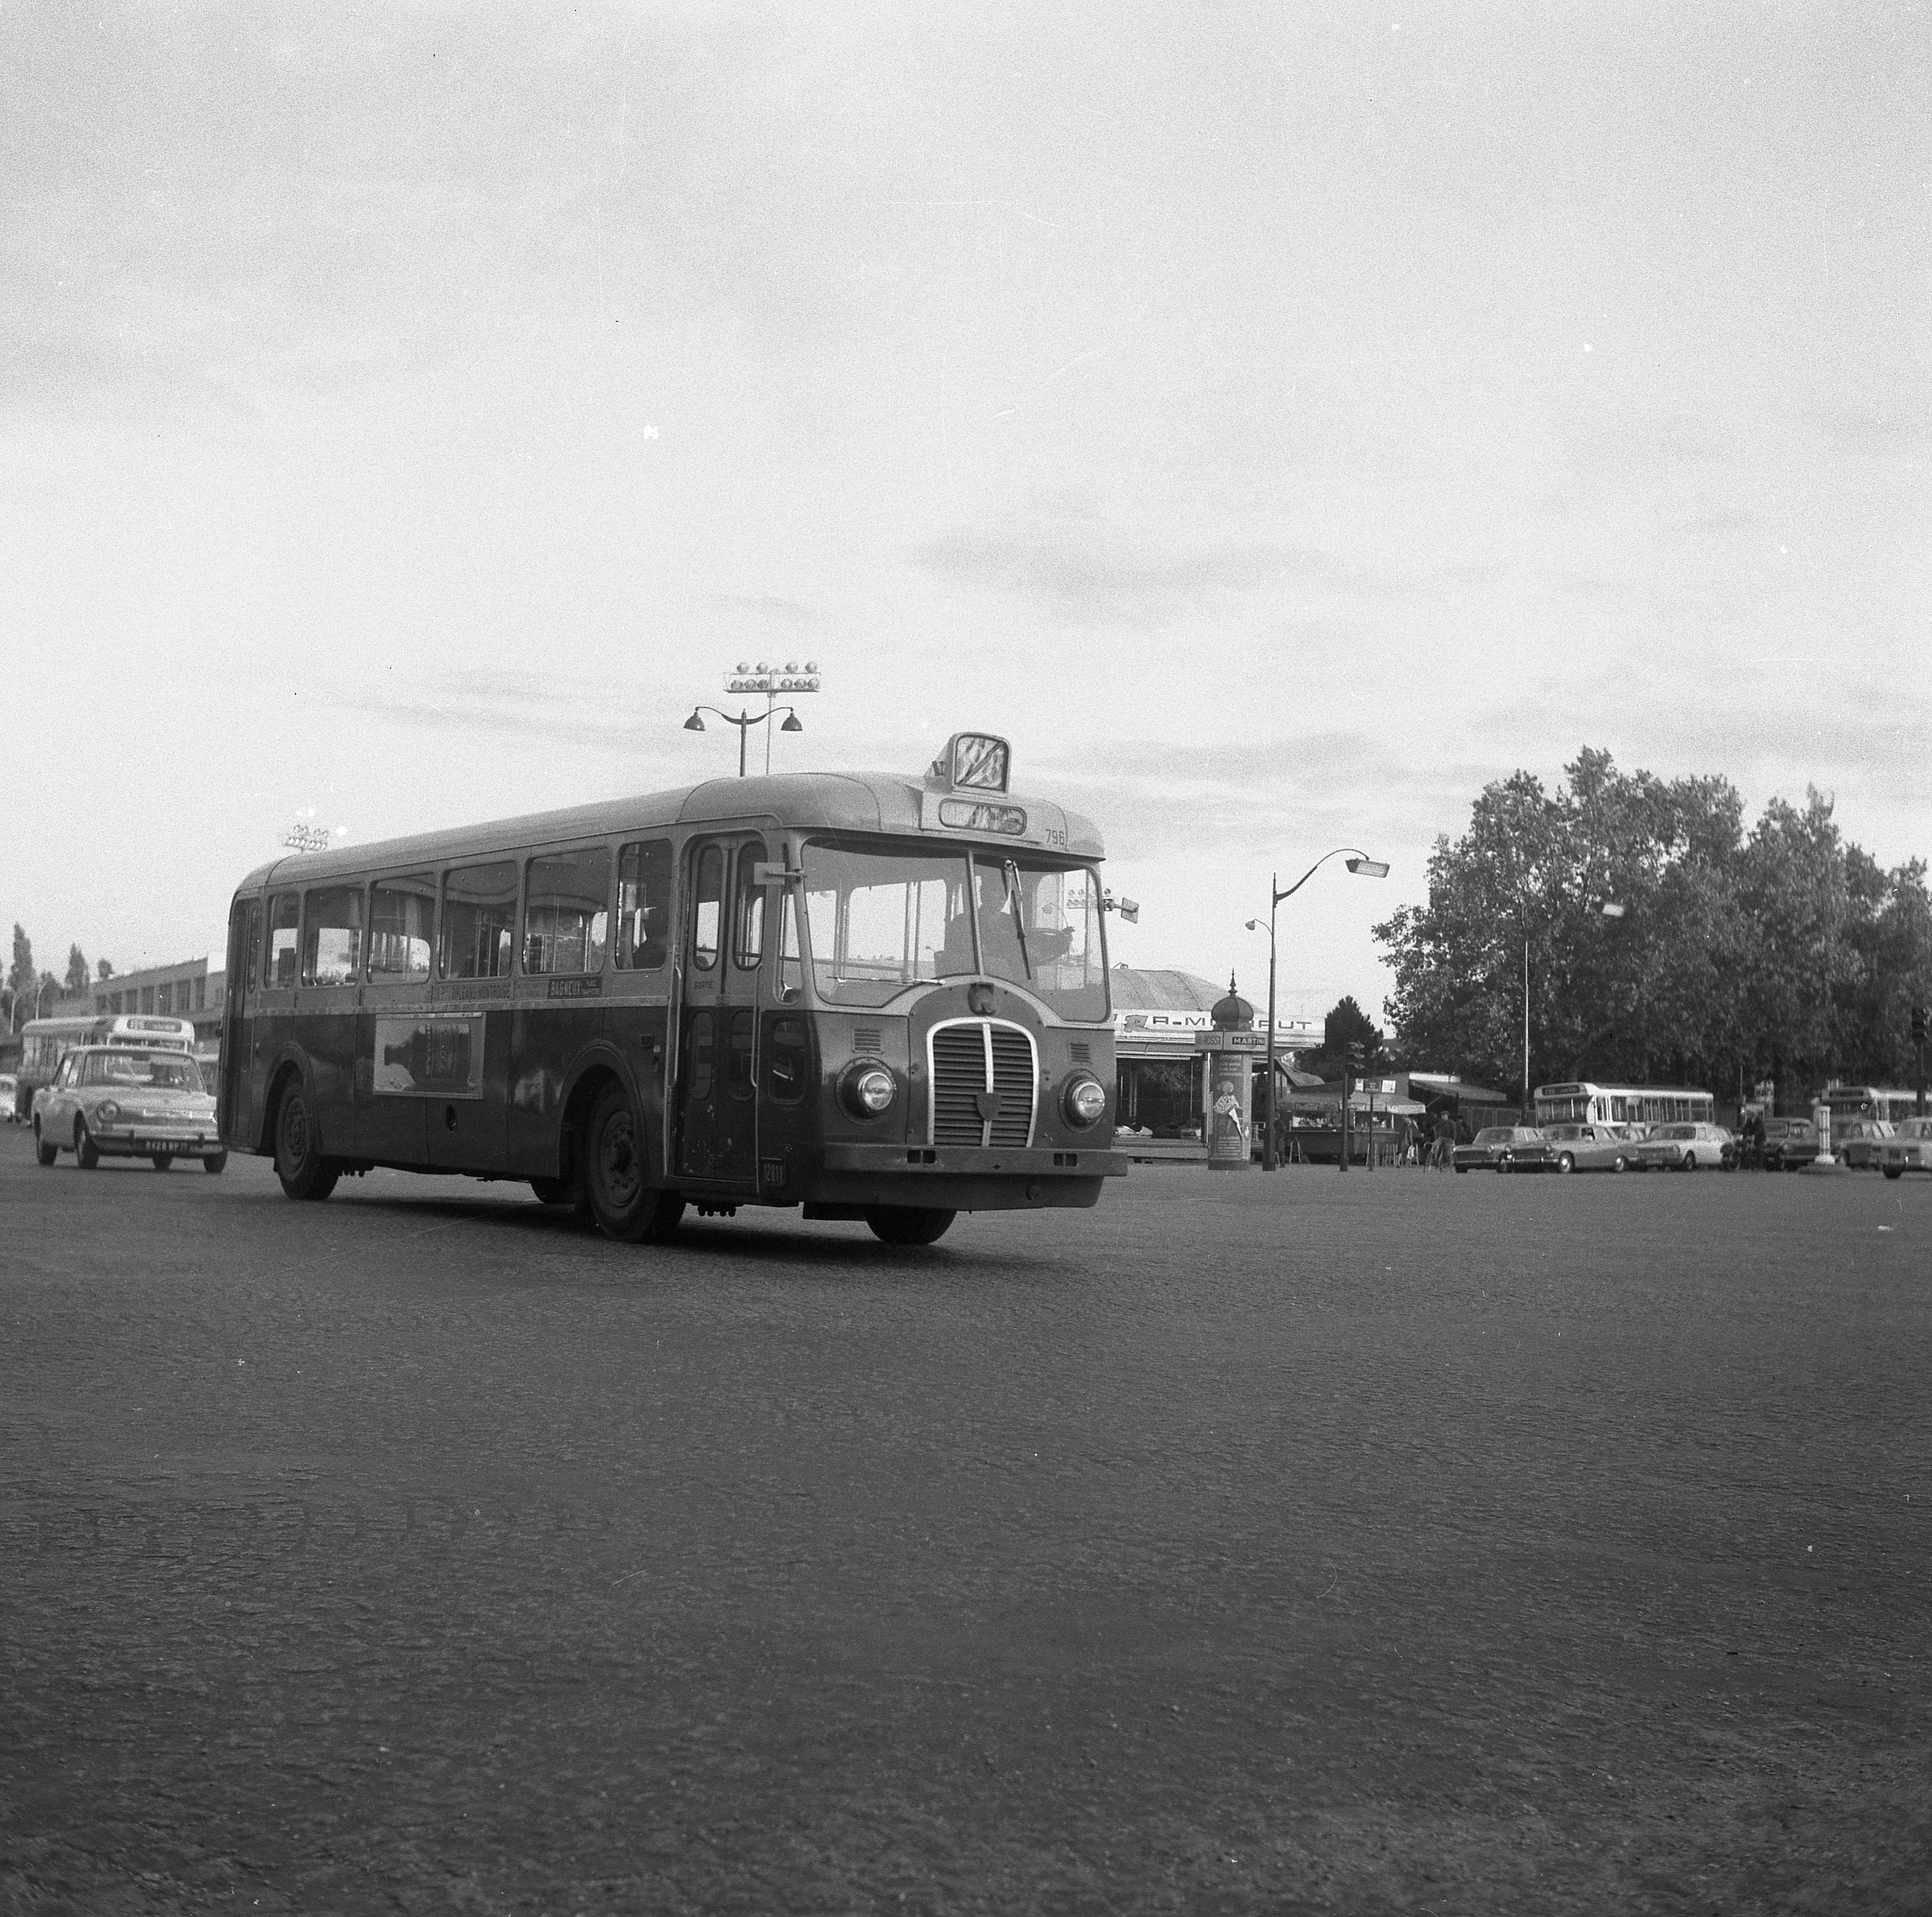 autobus - paris - ratp - somua op5-2 n u00b0796 - 1950